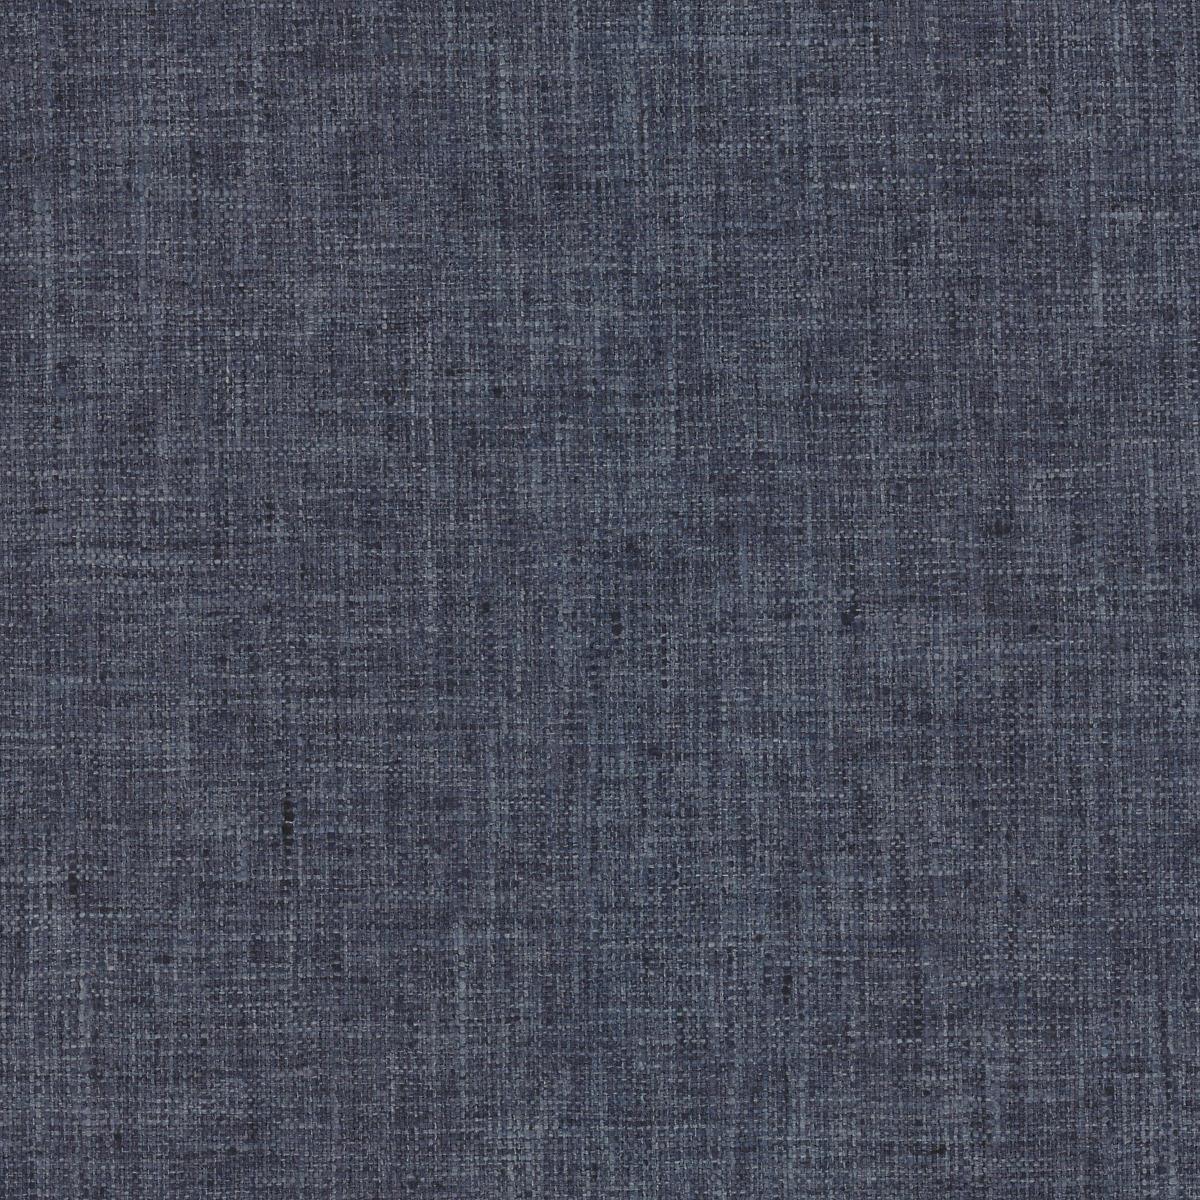 Greylock Navy Indoor/Outdoor Fabric